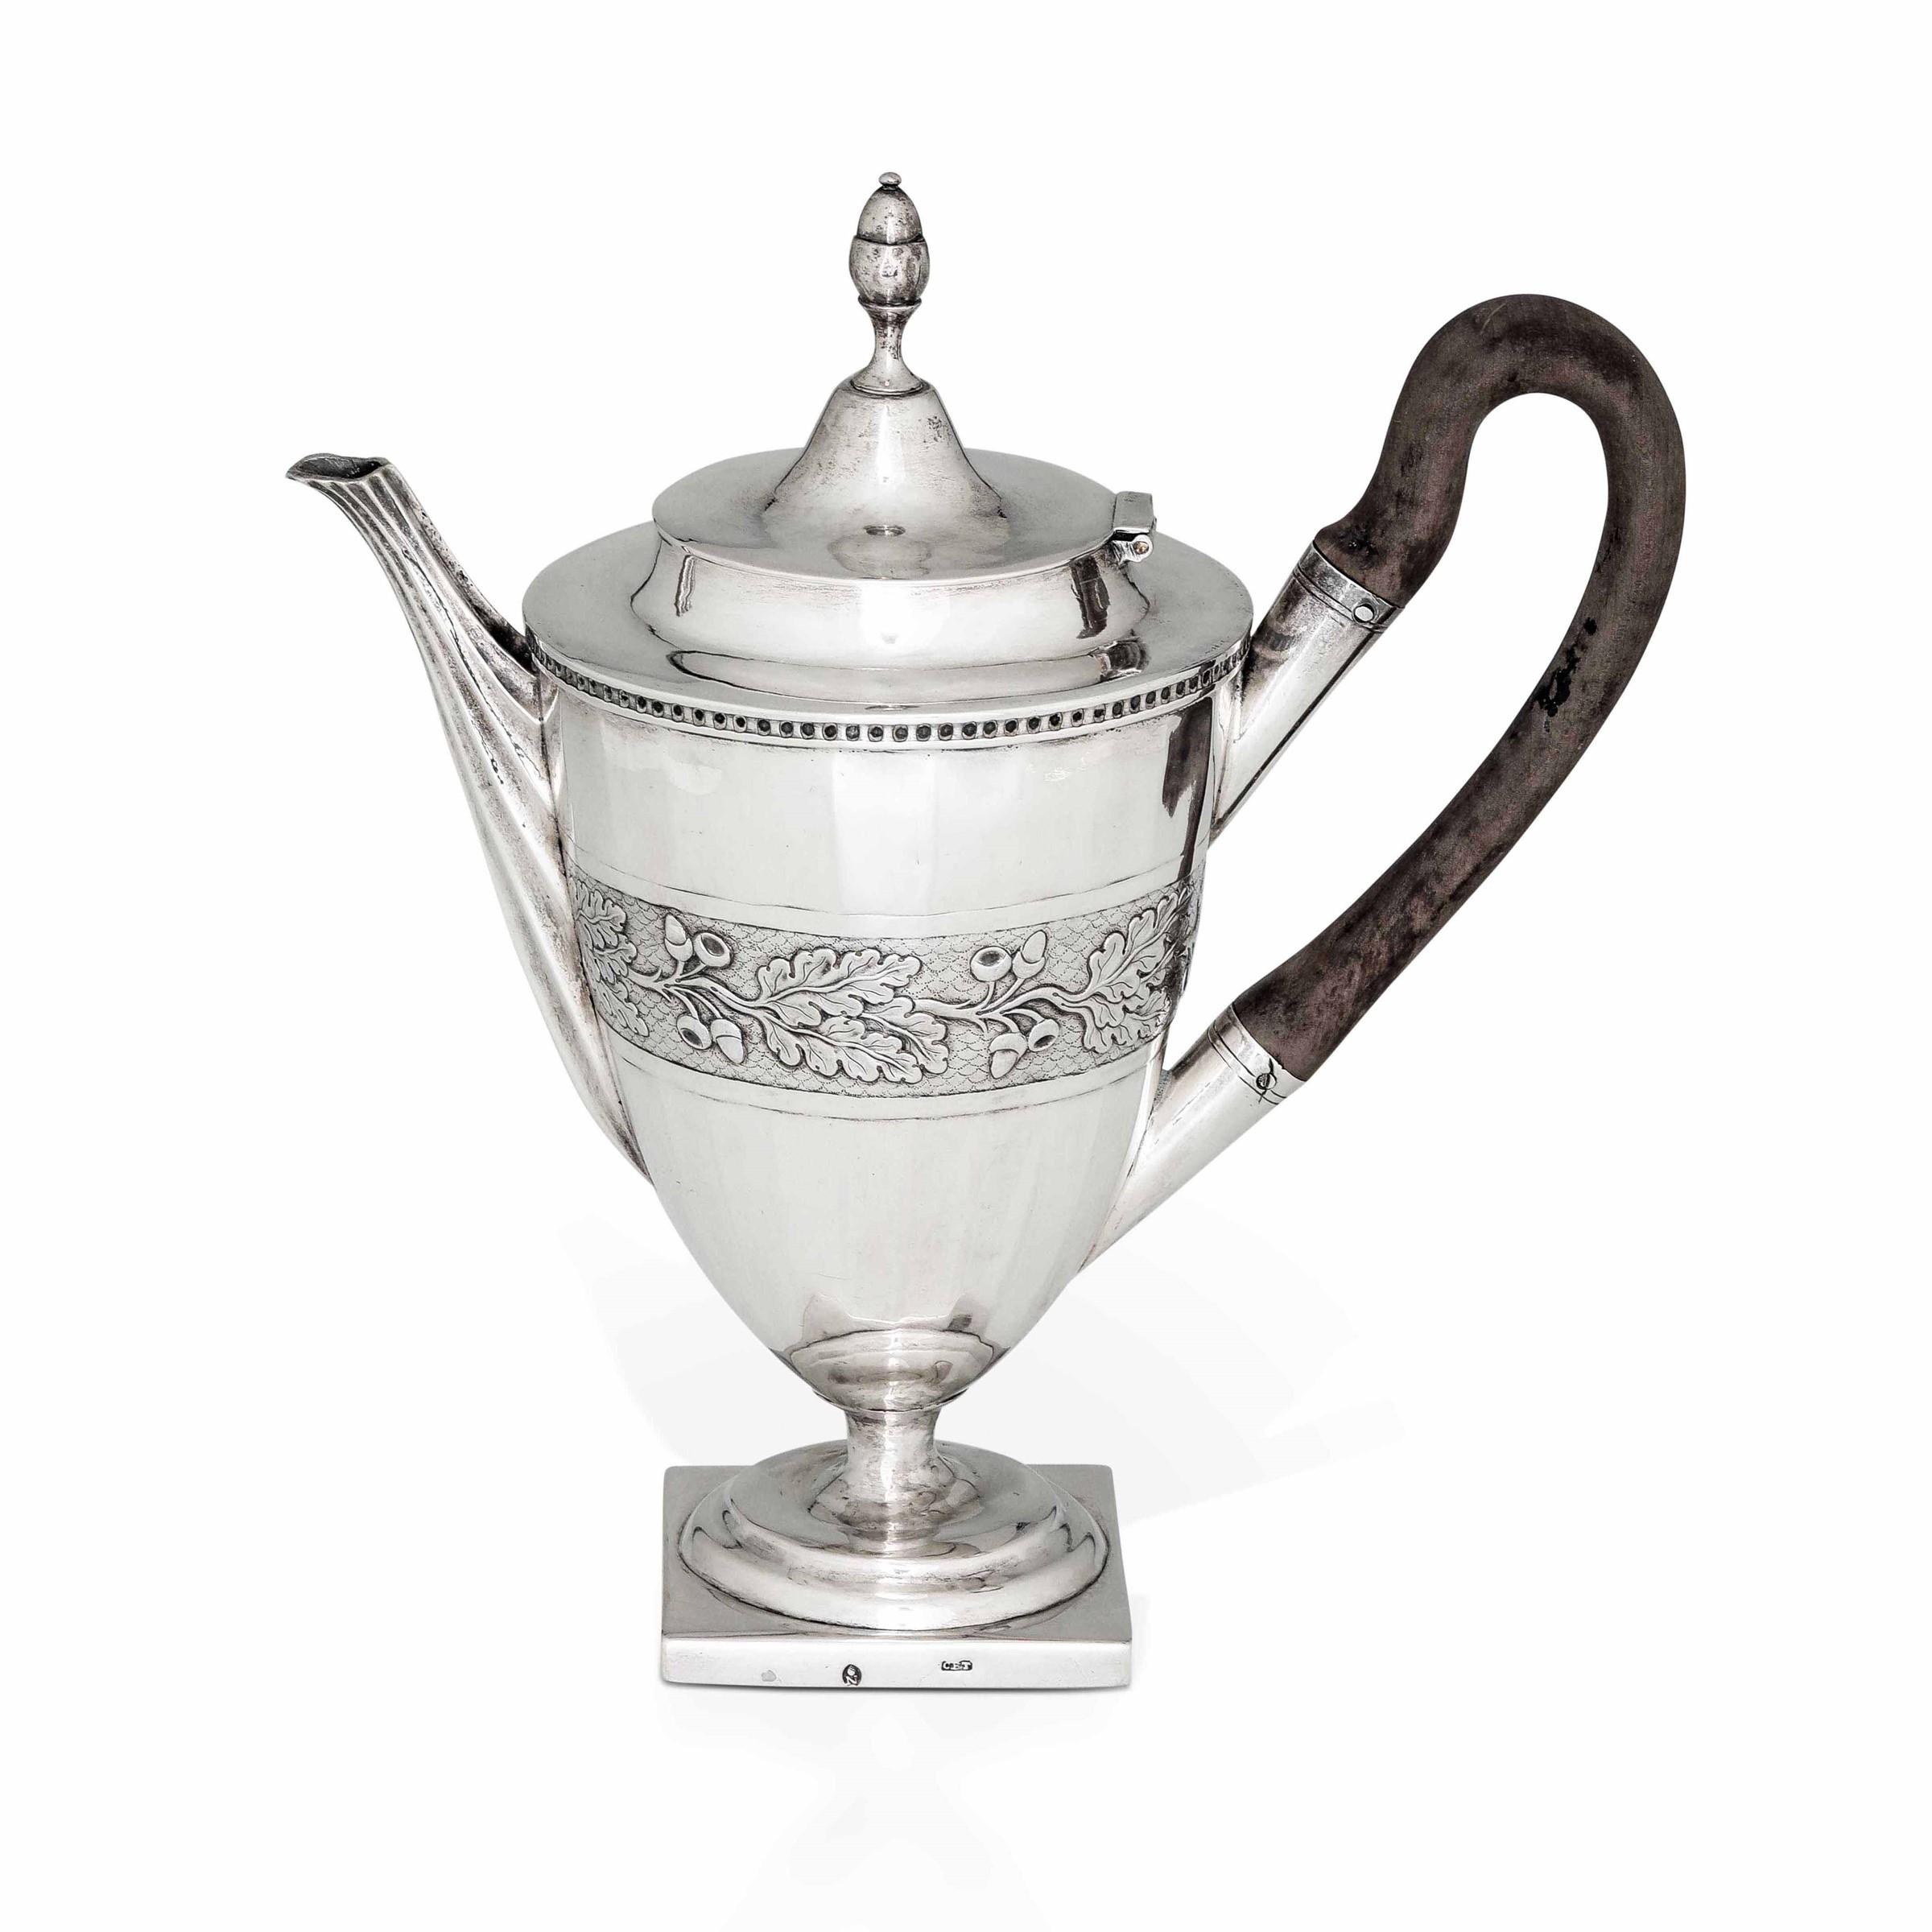 Caffettiera in argento fuso, sbalzato e cesellato. Ausburg 1802, argentiere Karl [...]